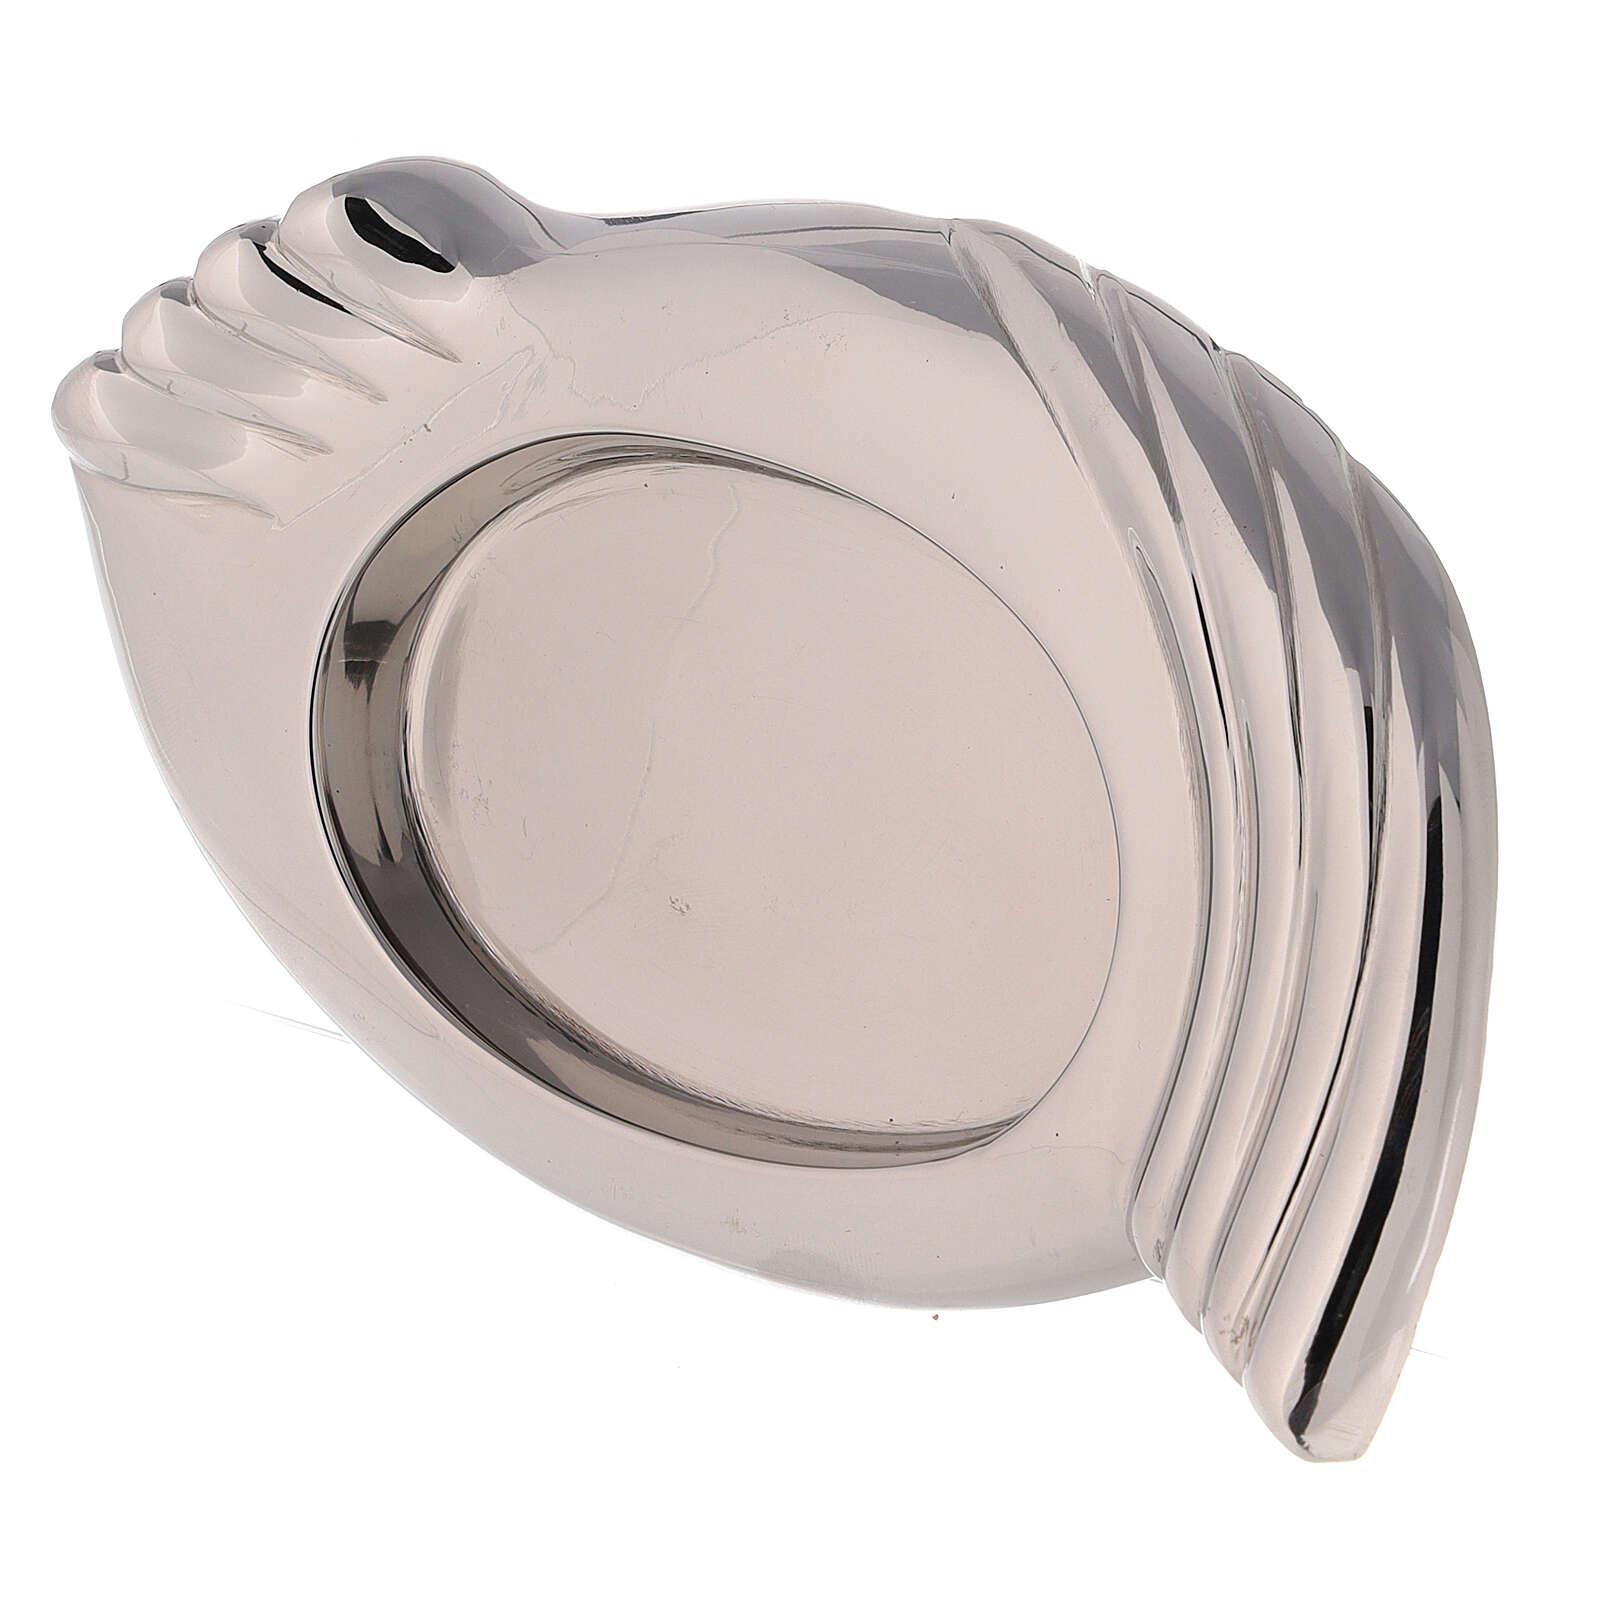 Assiette pour bougie laiton nickelé ailes 8,5x5,5 cm 3